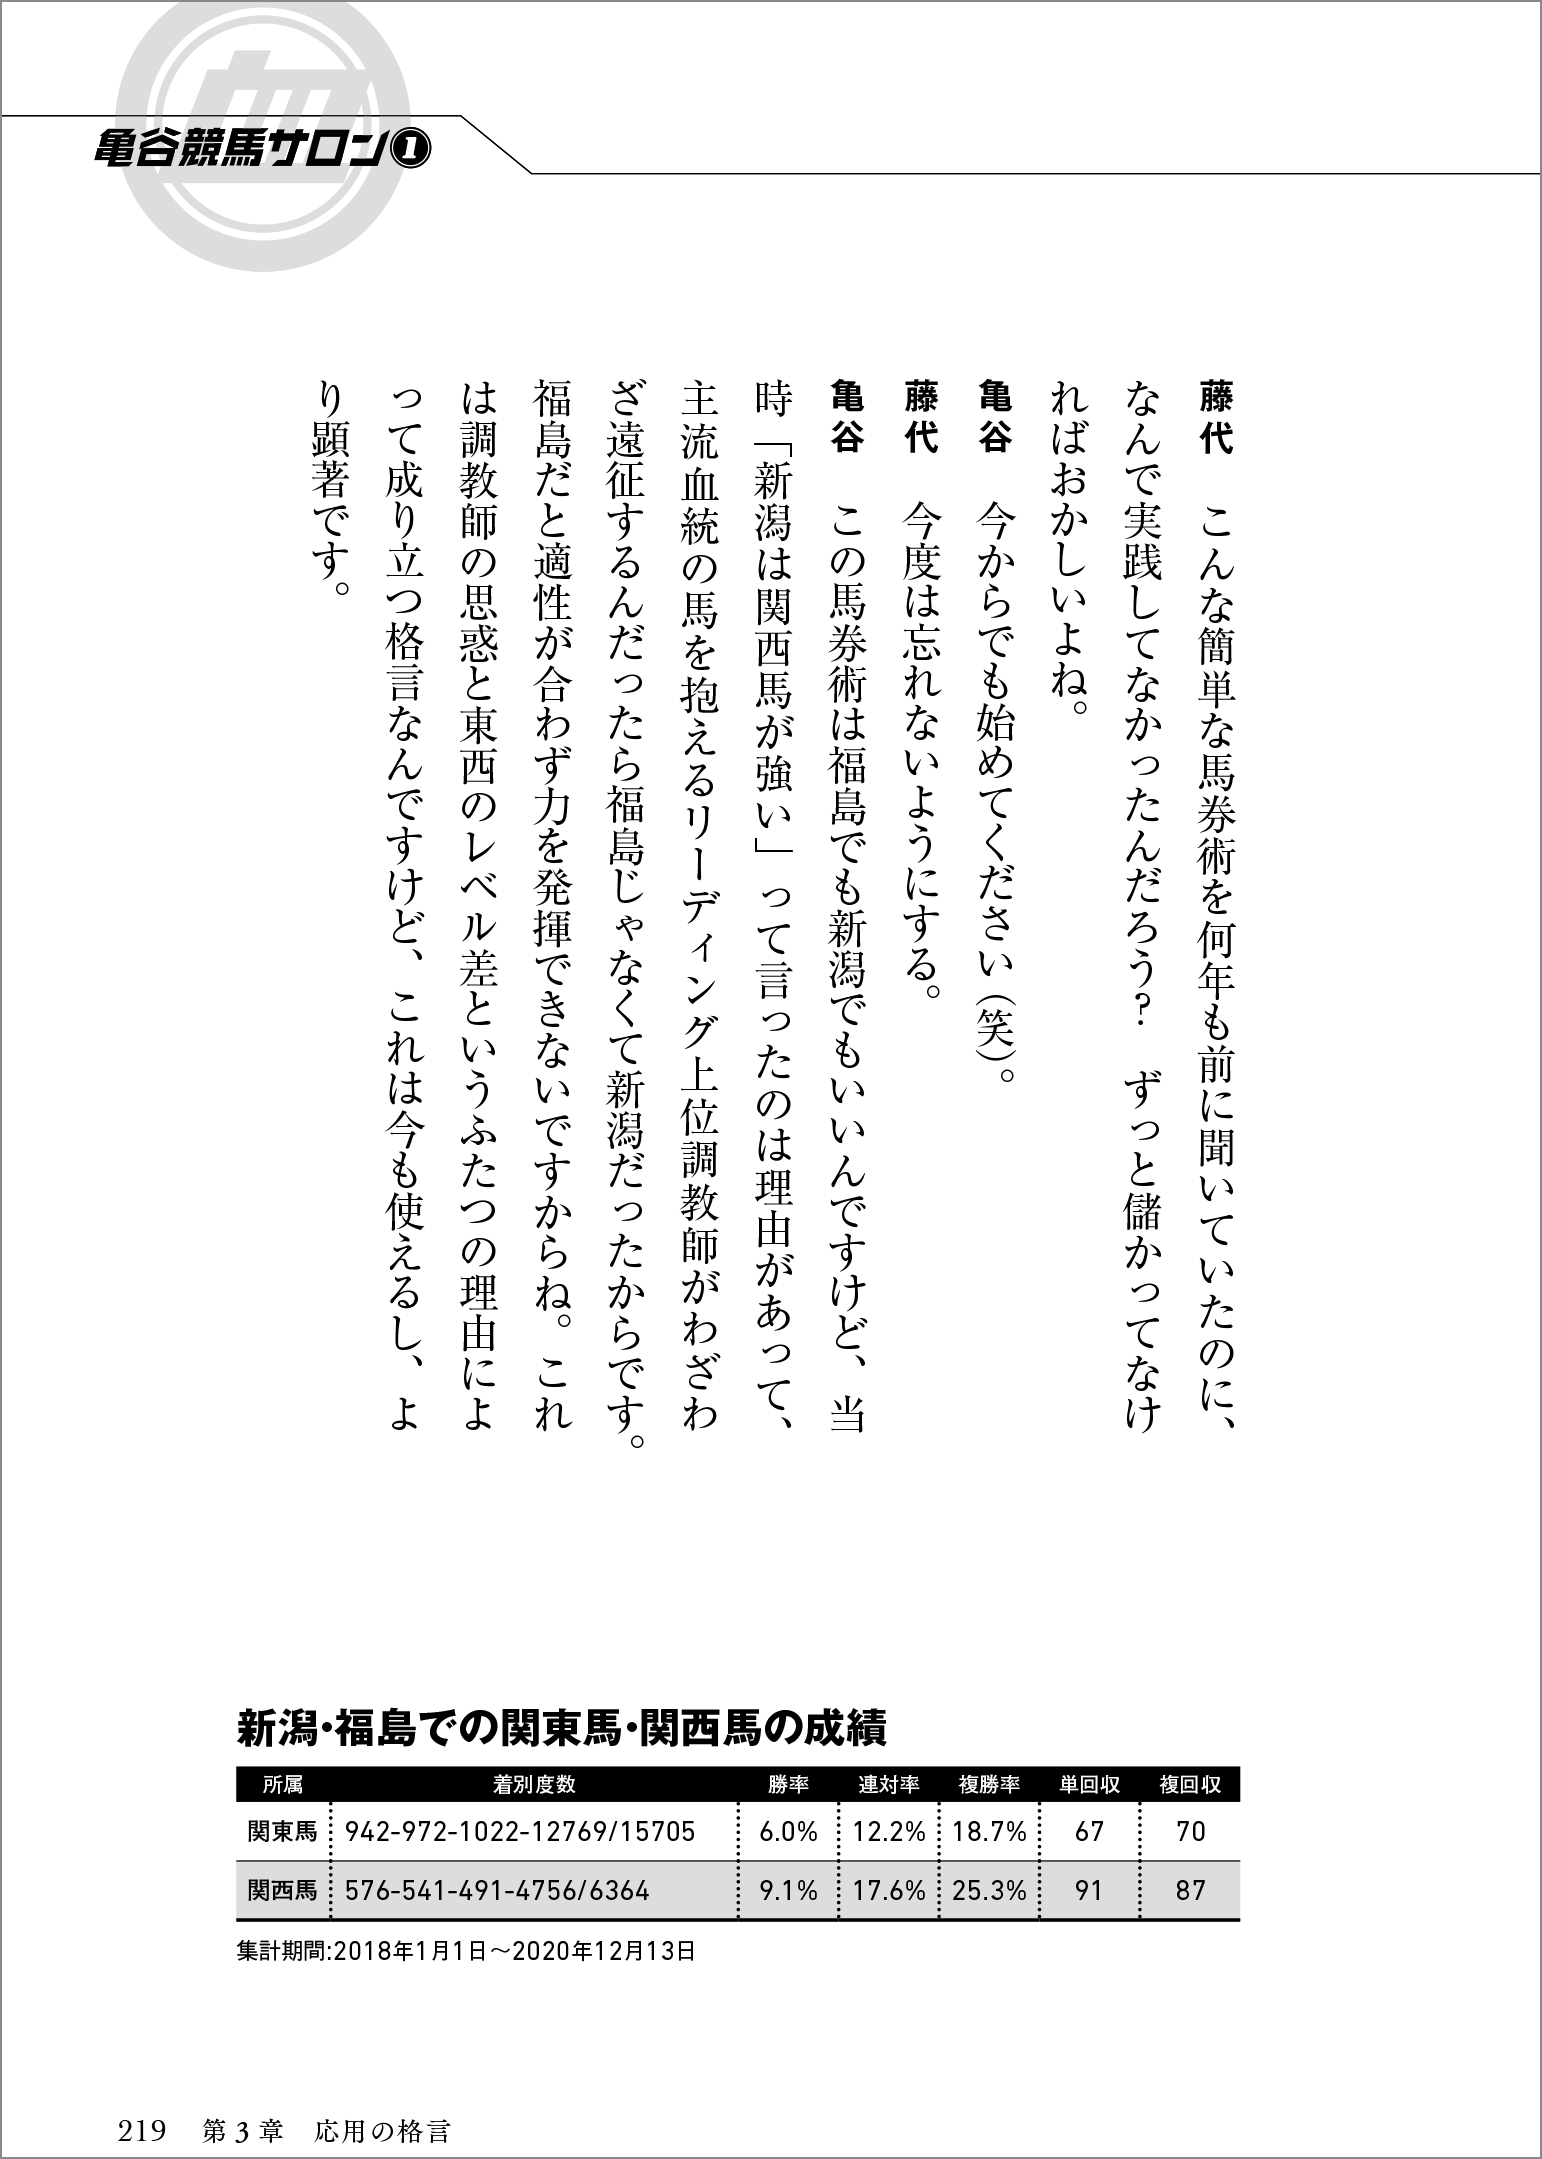 馬券格言_p.219